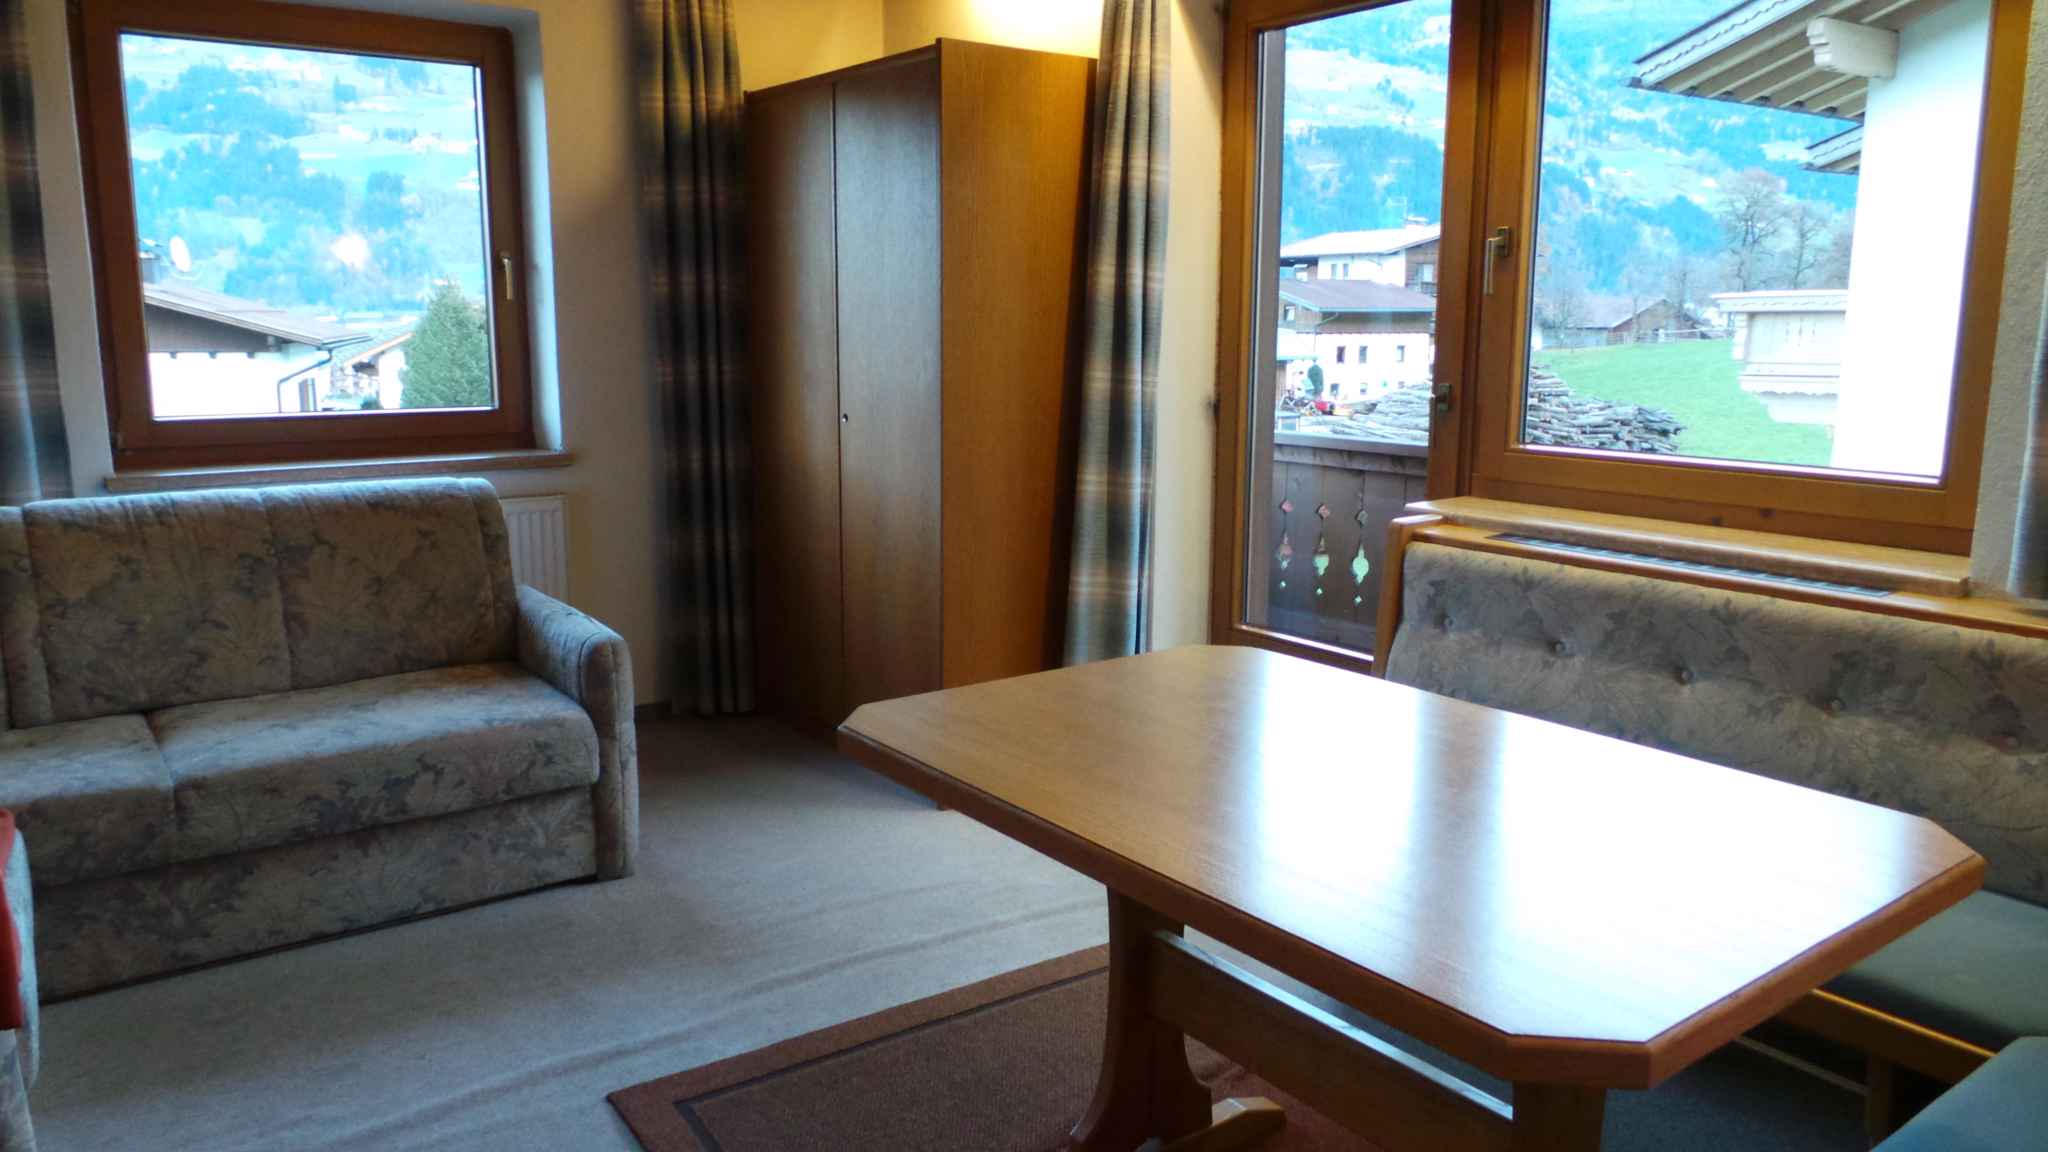 Ferienwohnung mit Balkon in Zentrumsnähe (283768), Kaltenbach, Zillertal, Tirol, Österreich, Bild 5